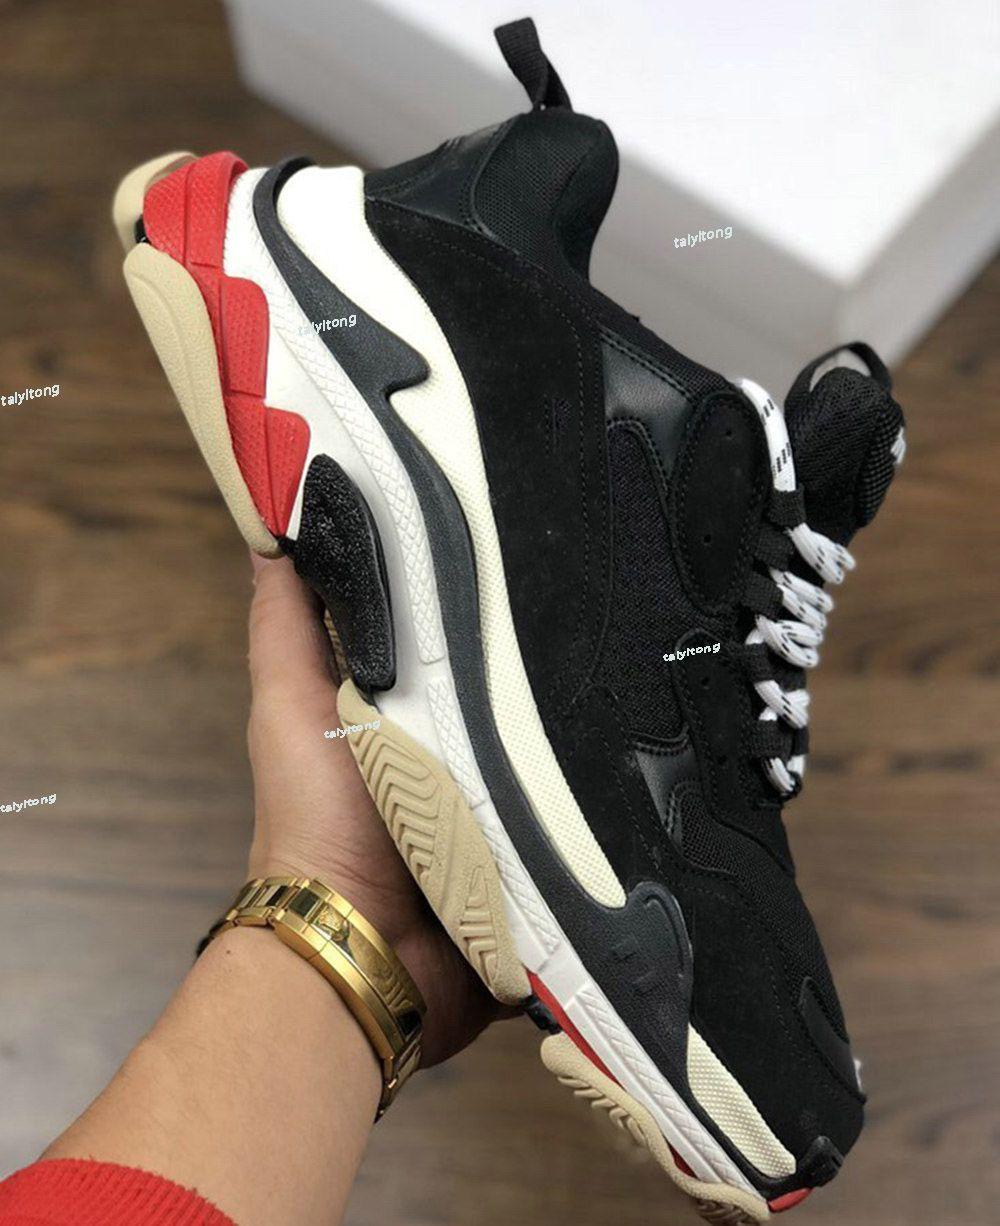 Hot neue, qualitativ hochwertige Triple-S Freizeitschuhe für Männer und Frauen Turnschuhe Schuhe signerde Farbe dick Low dad Schuhe große size36-45 lmixed